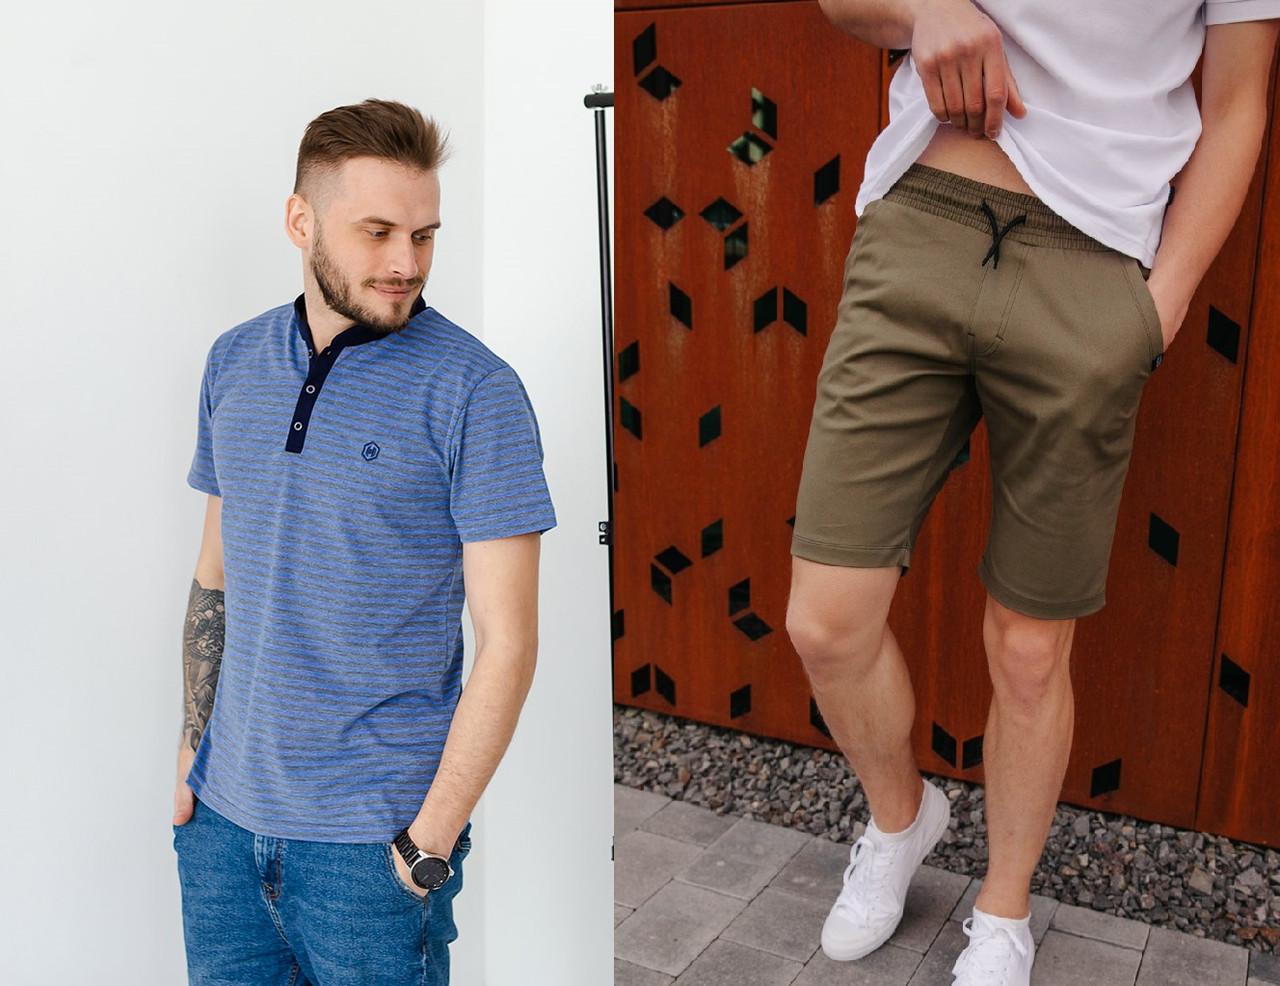 Чоловічий комплект поло + шорти оливкового кольору / Комплект Футболка поло + Шорти чоловічі